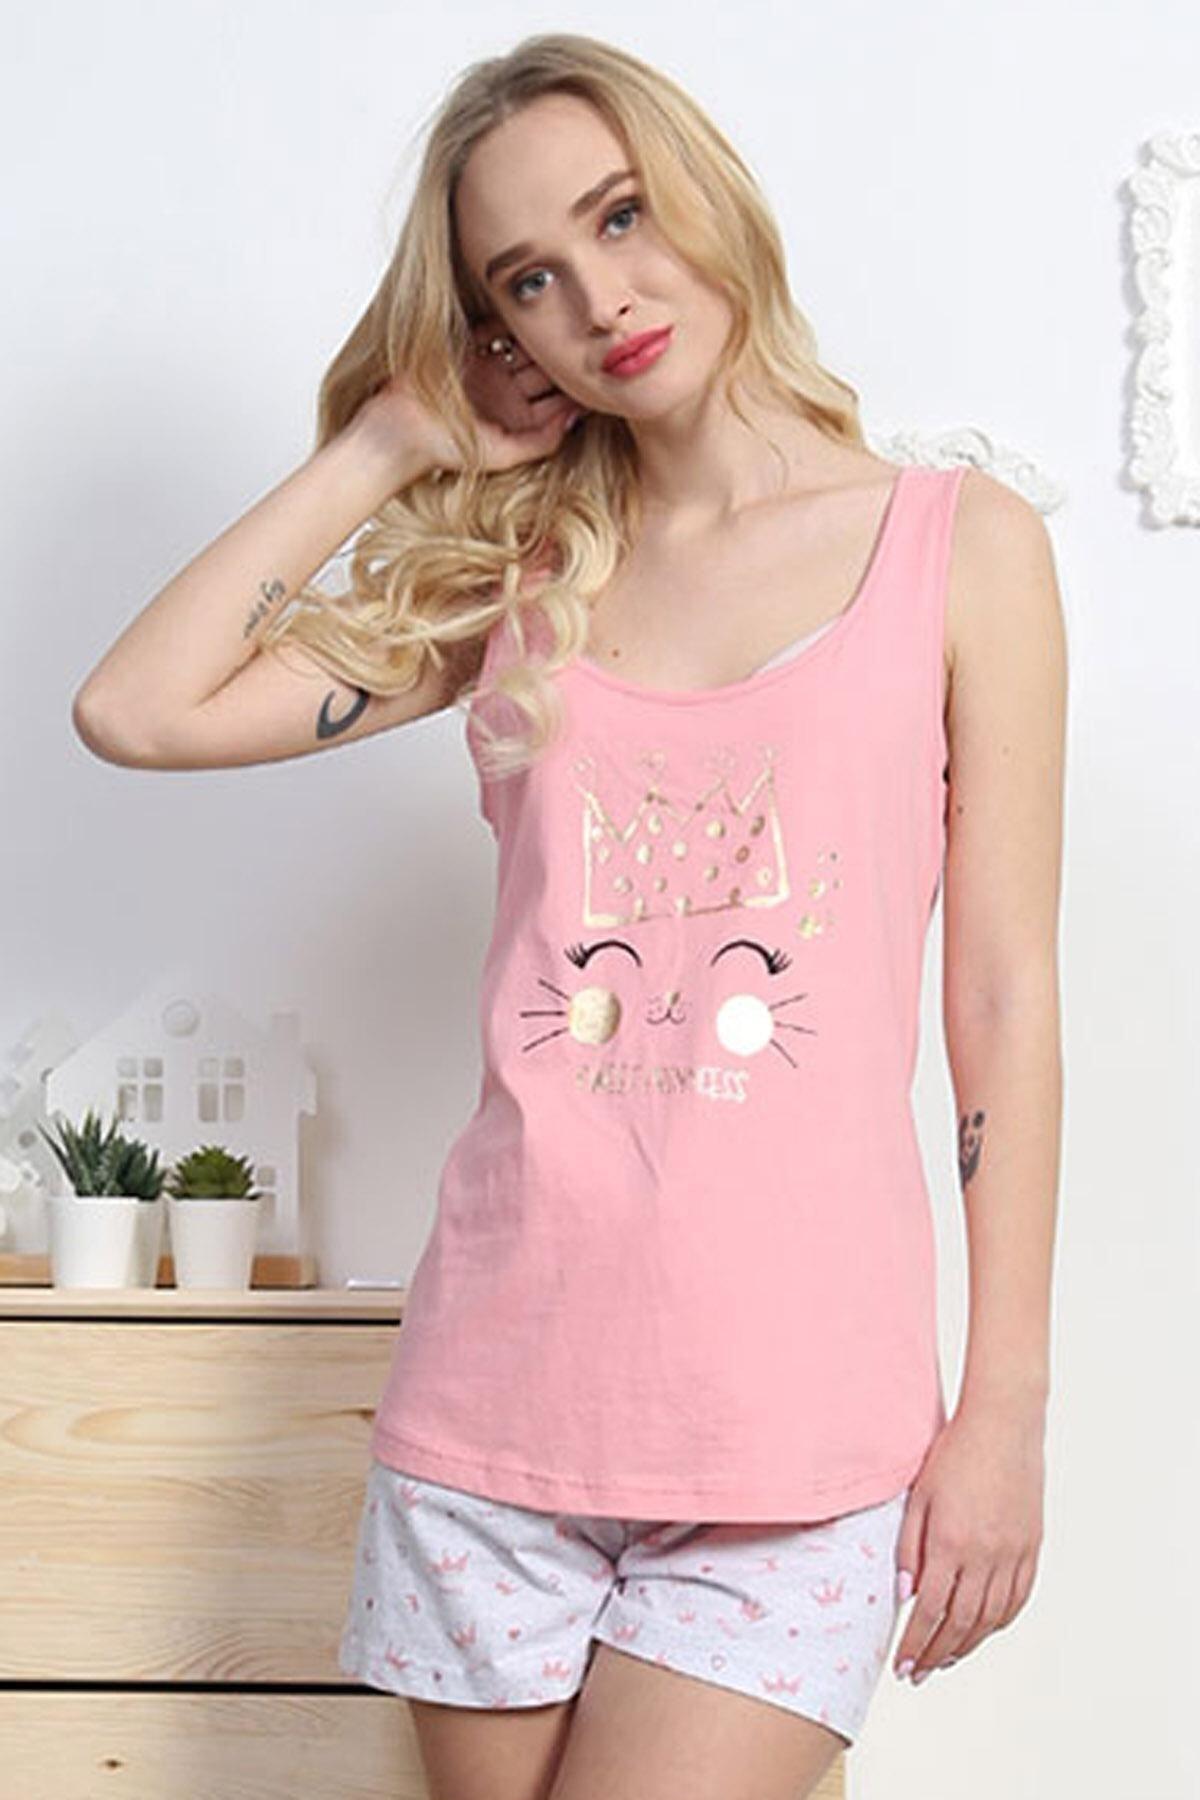 Pattaya Kadın Kolsuz Tişört Şort Pijama Takımı Y20s137-8100672696 2